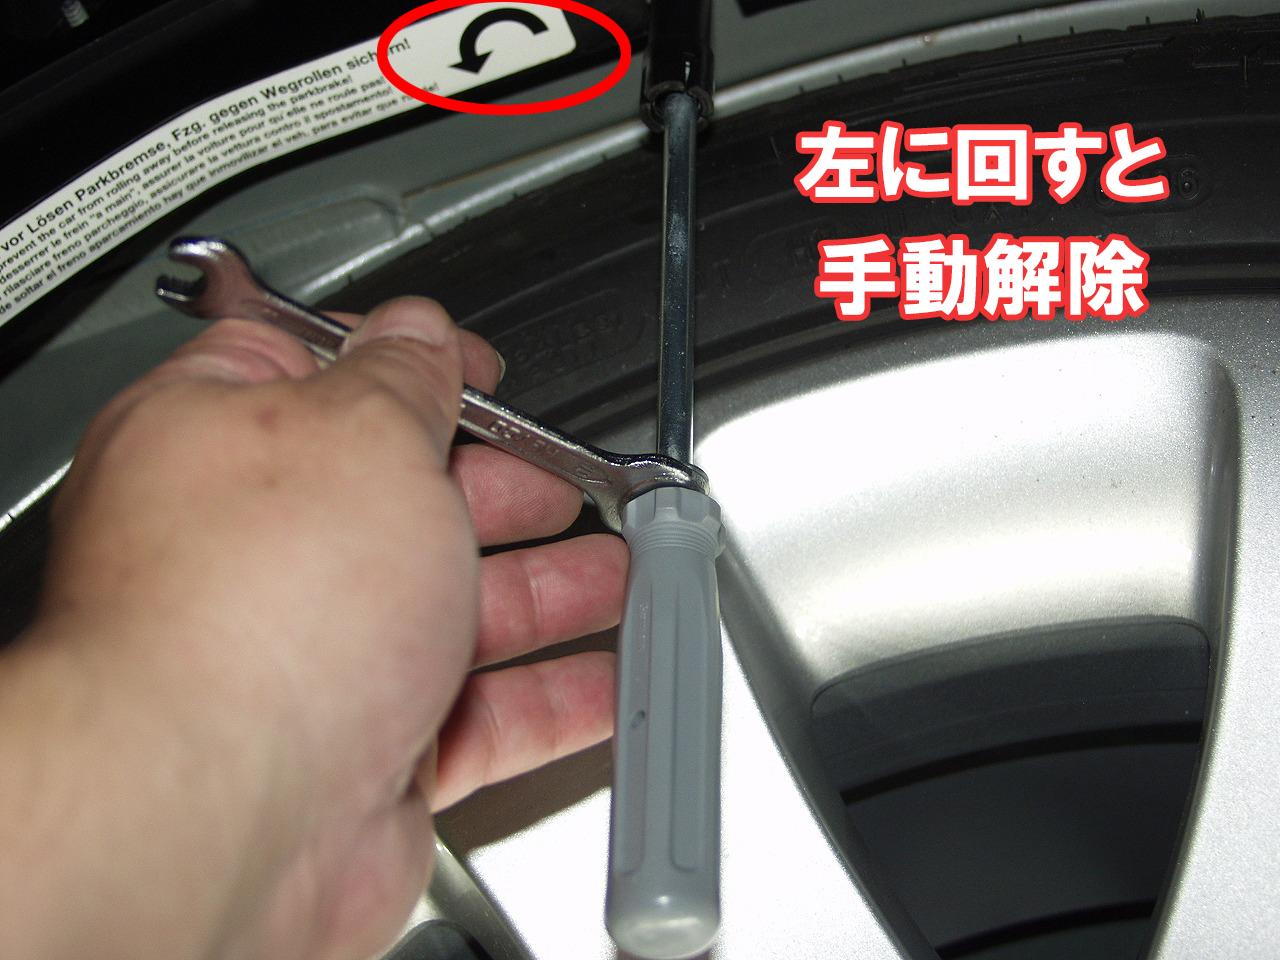 電動パーキングブレーキの手動解除方法